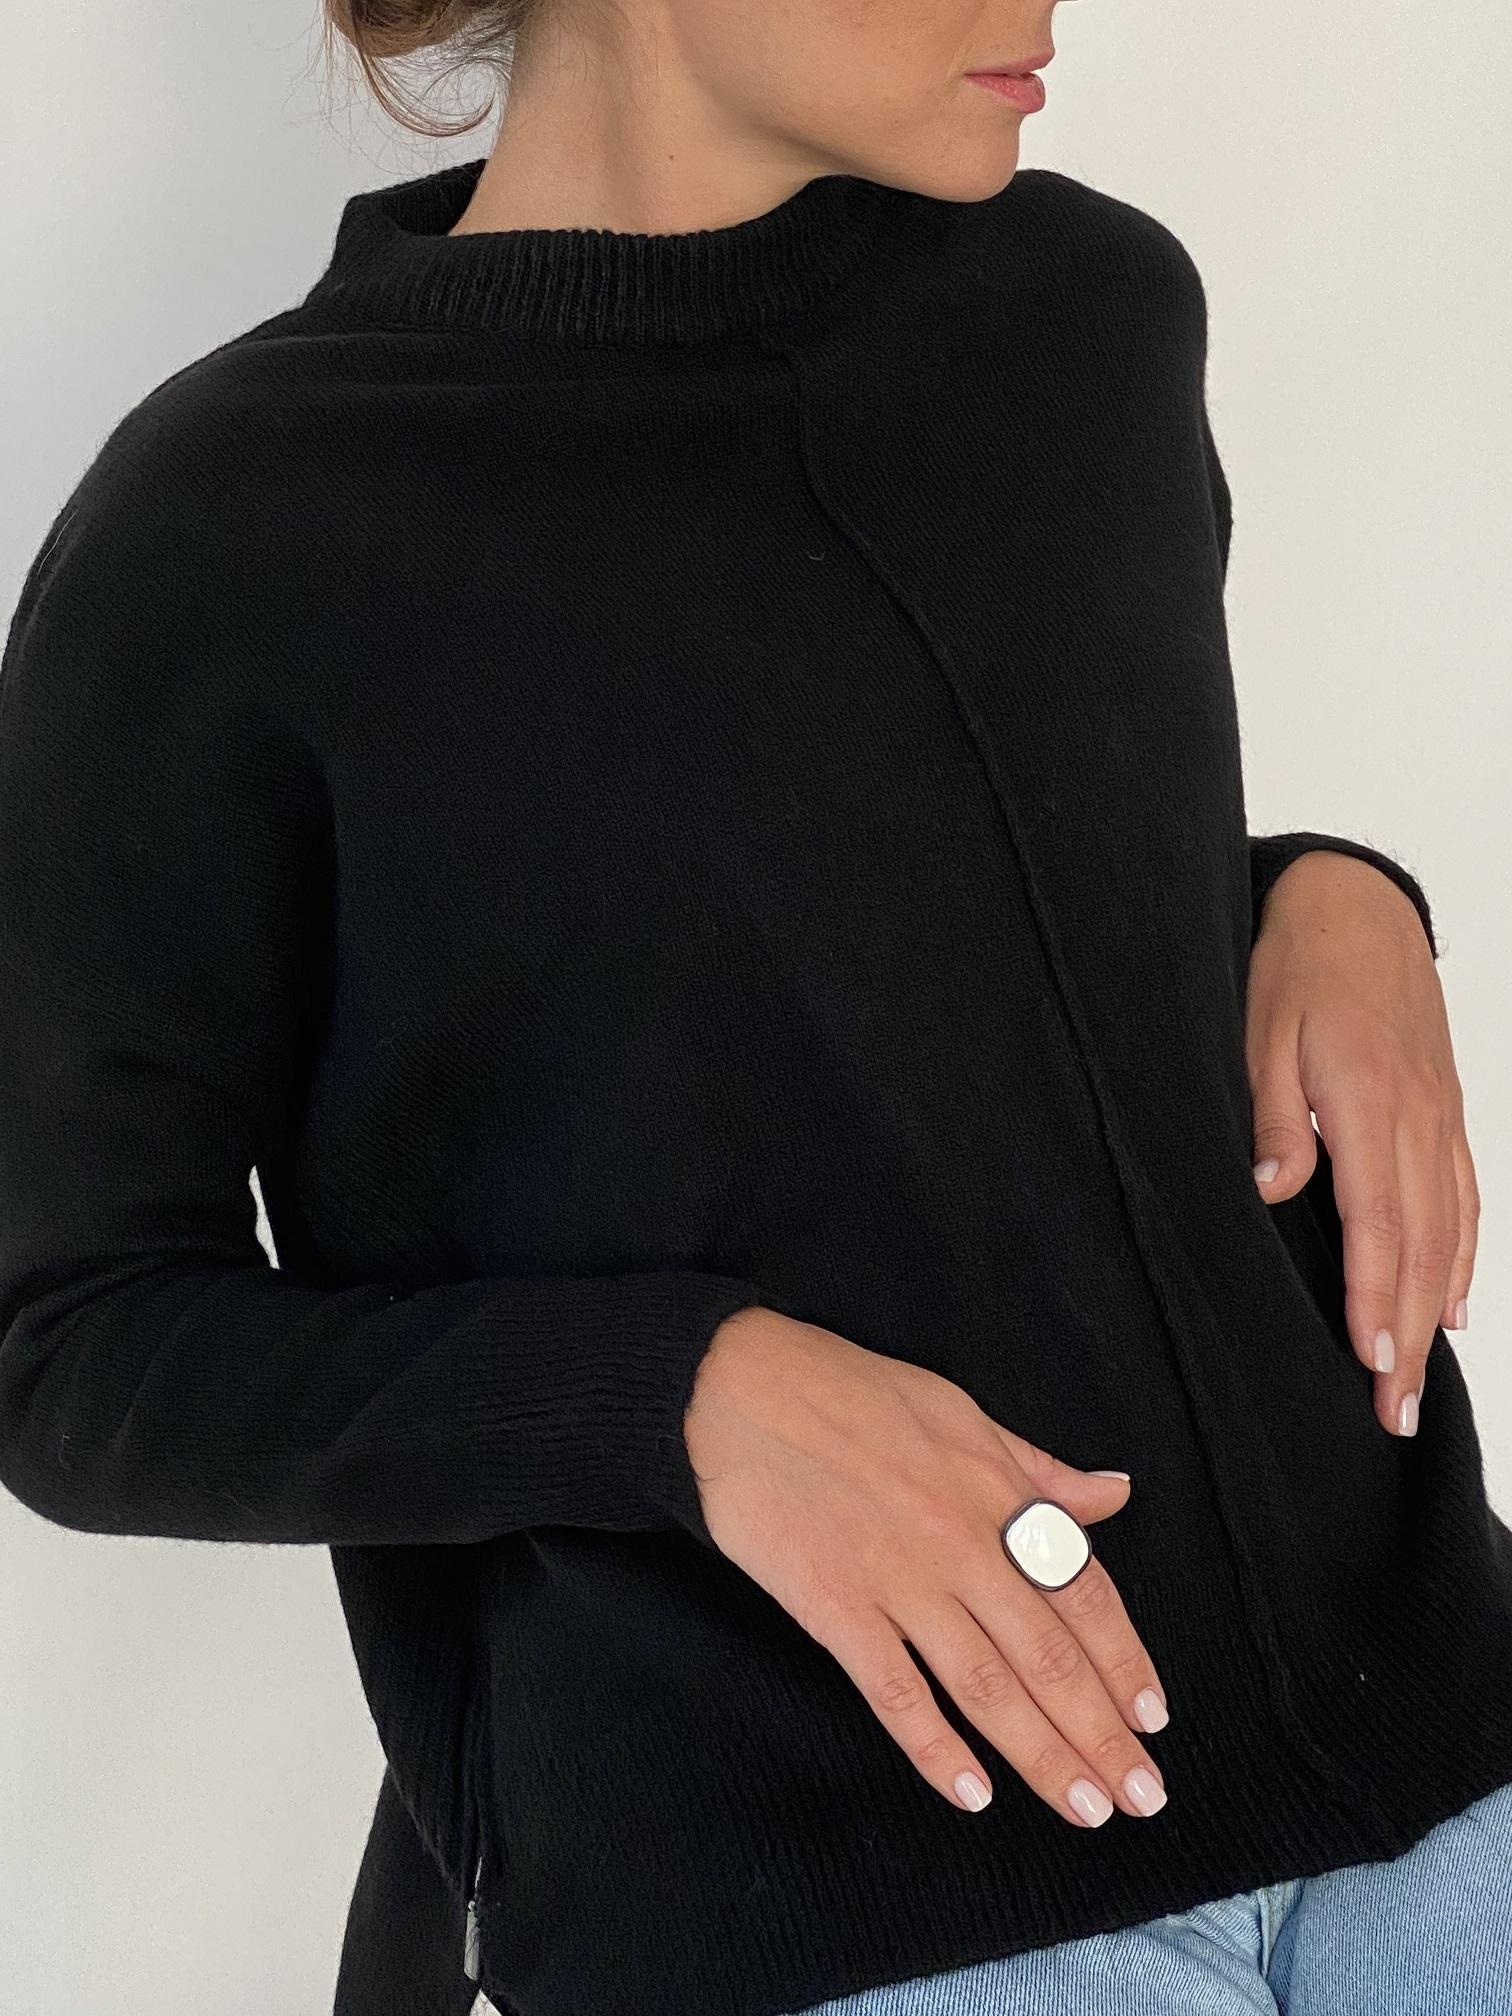 Джемпер , UNO, Zip line (черный)